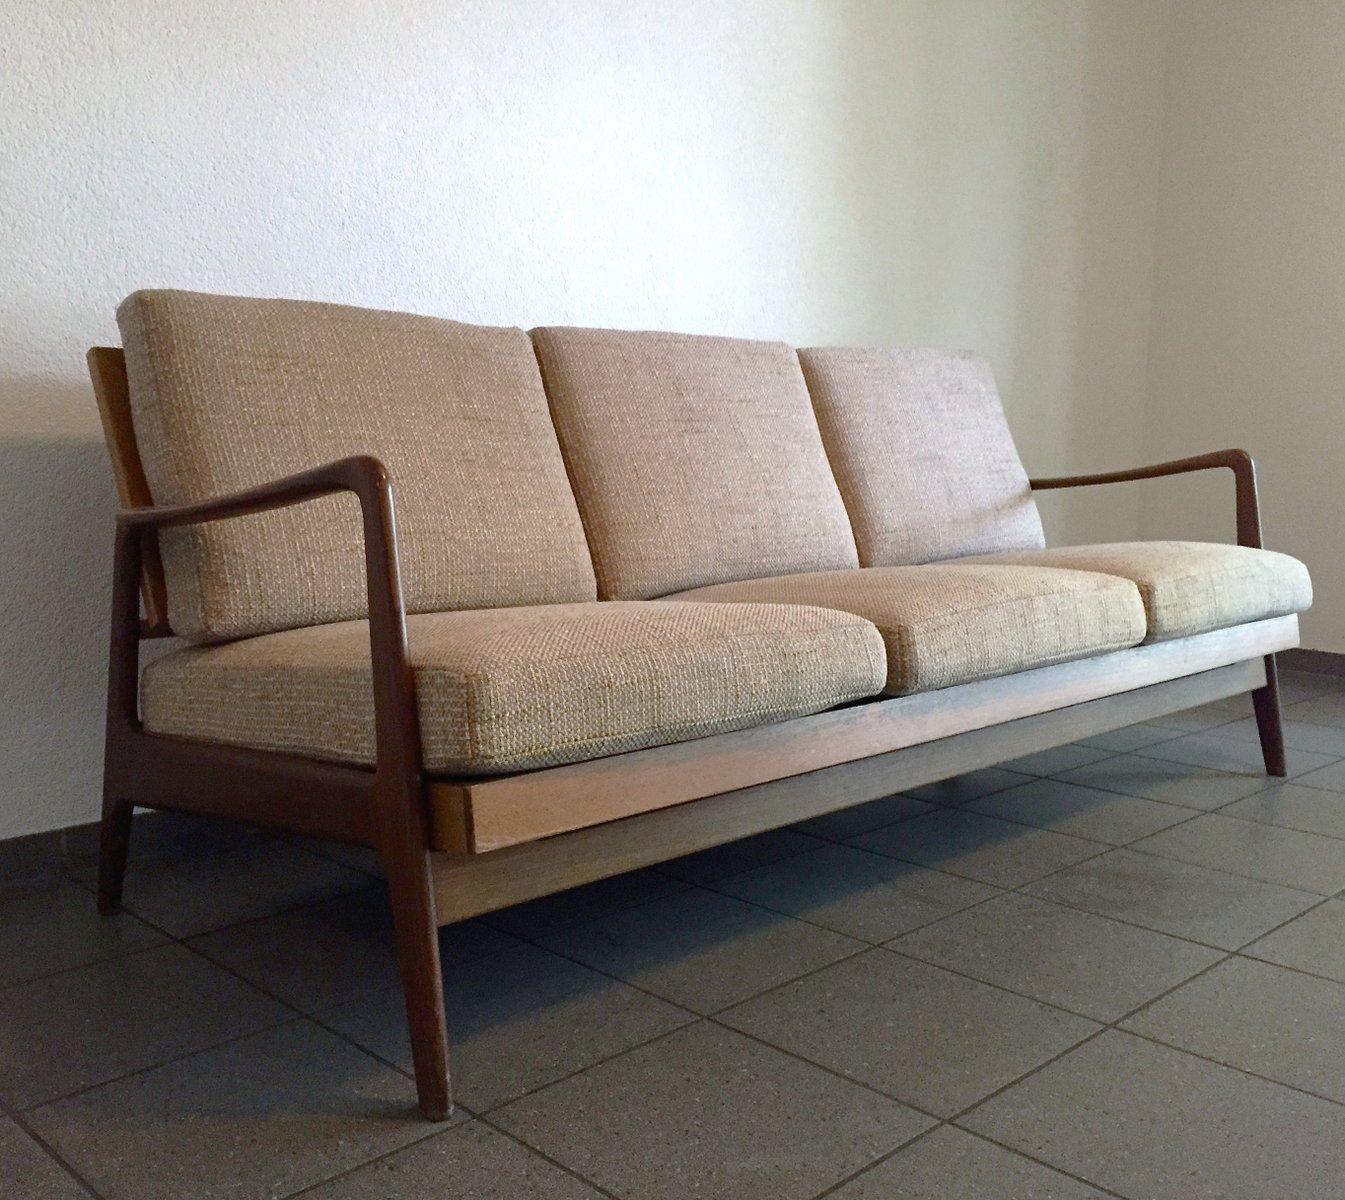 d nisches mid century 3 sitzer sofa schlafsofa bei pamono kaufen. Black Bedroom Furniture Sets. Home Design Ideas